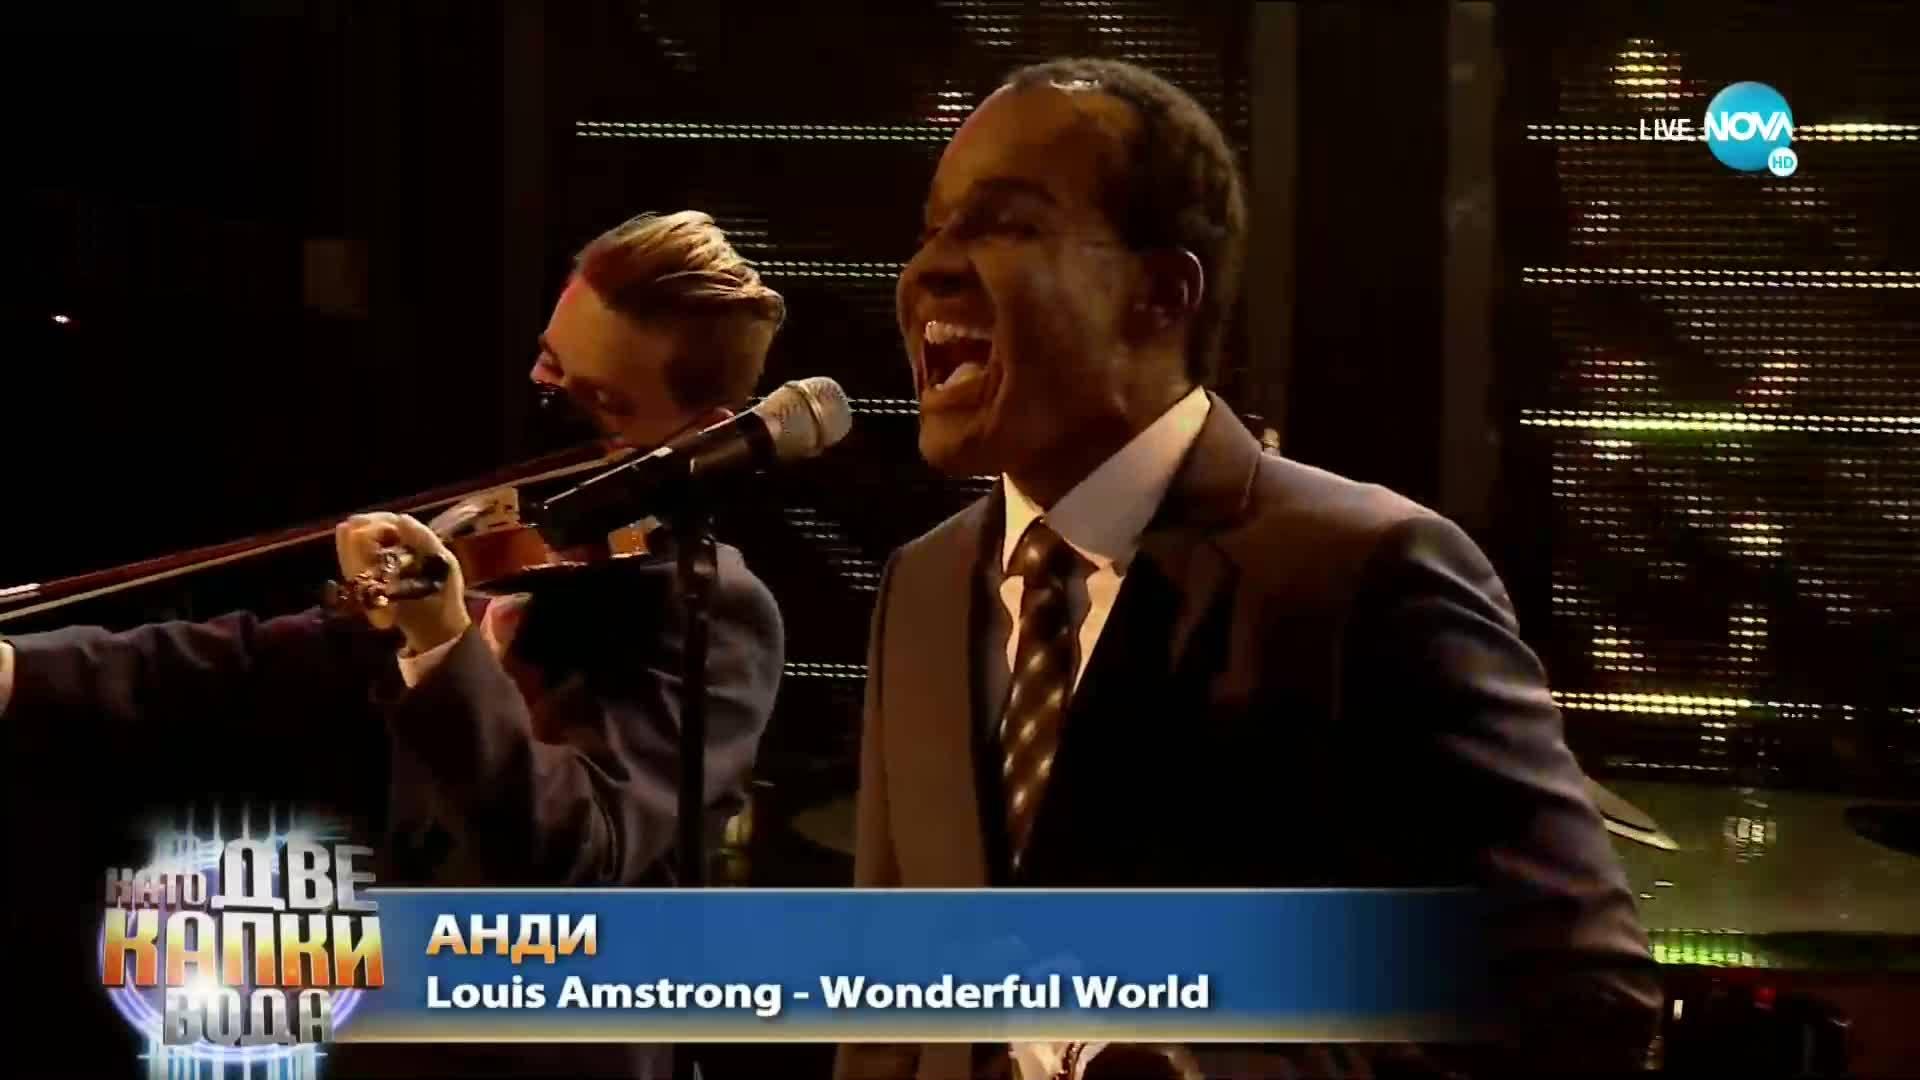 """Антоан Петров-Анди като Луис Армстронг - """"Wonderful World """"   Като две капки вода"""